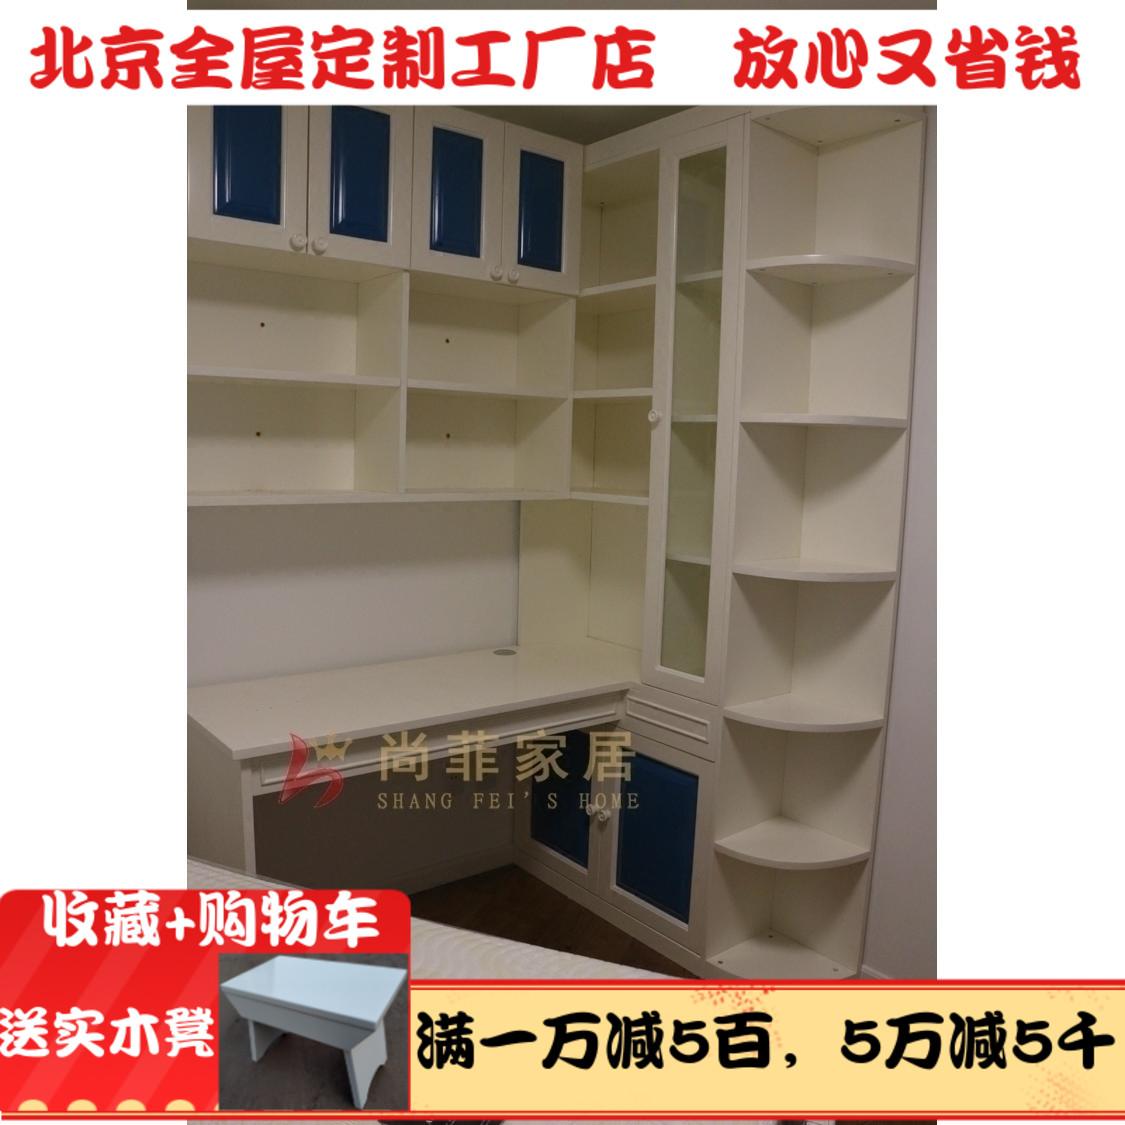 欧式整体象牙白转角橡木柜书桌纯实木田园书桌书柜书架定制做v整体